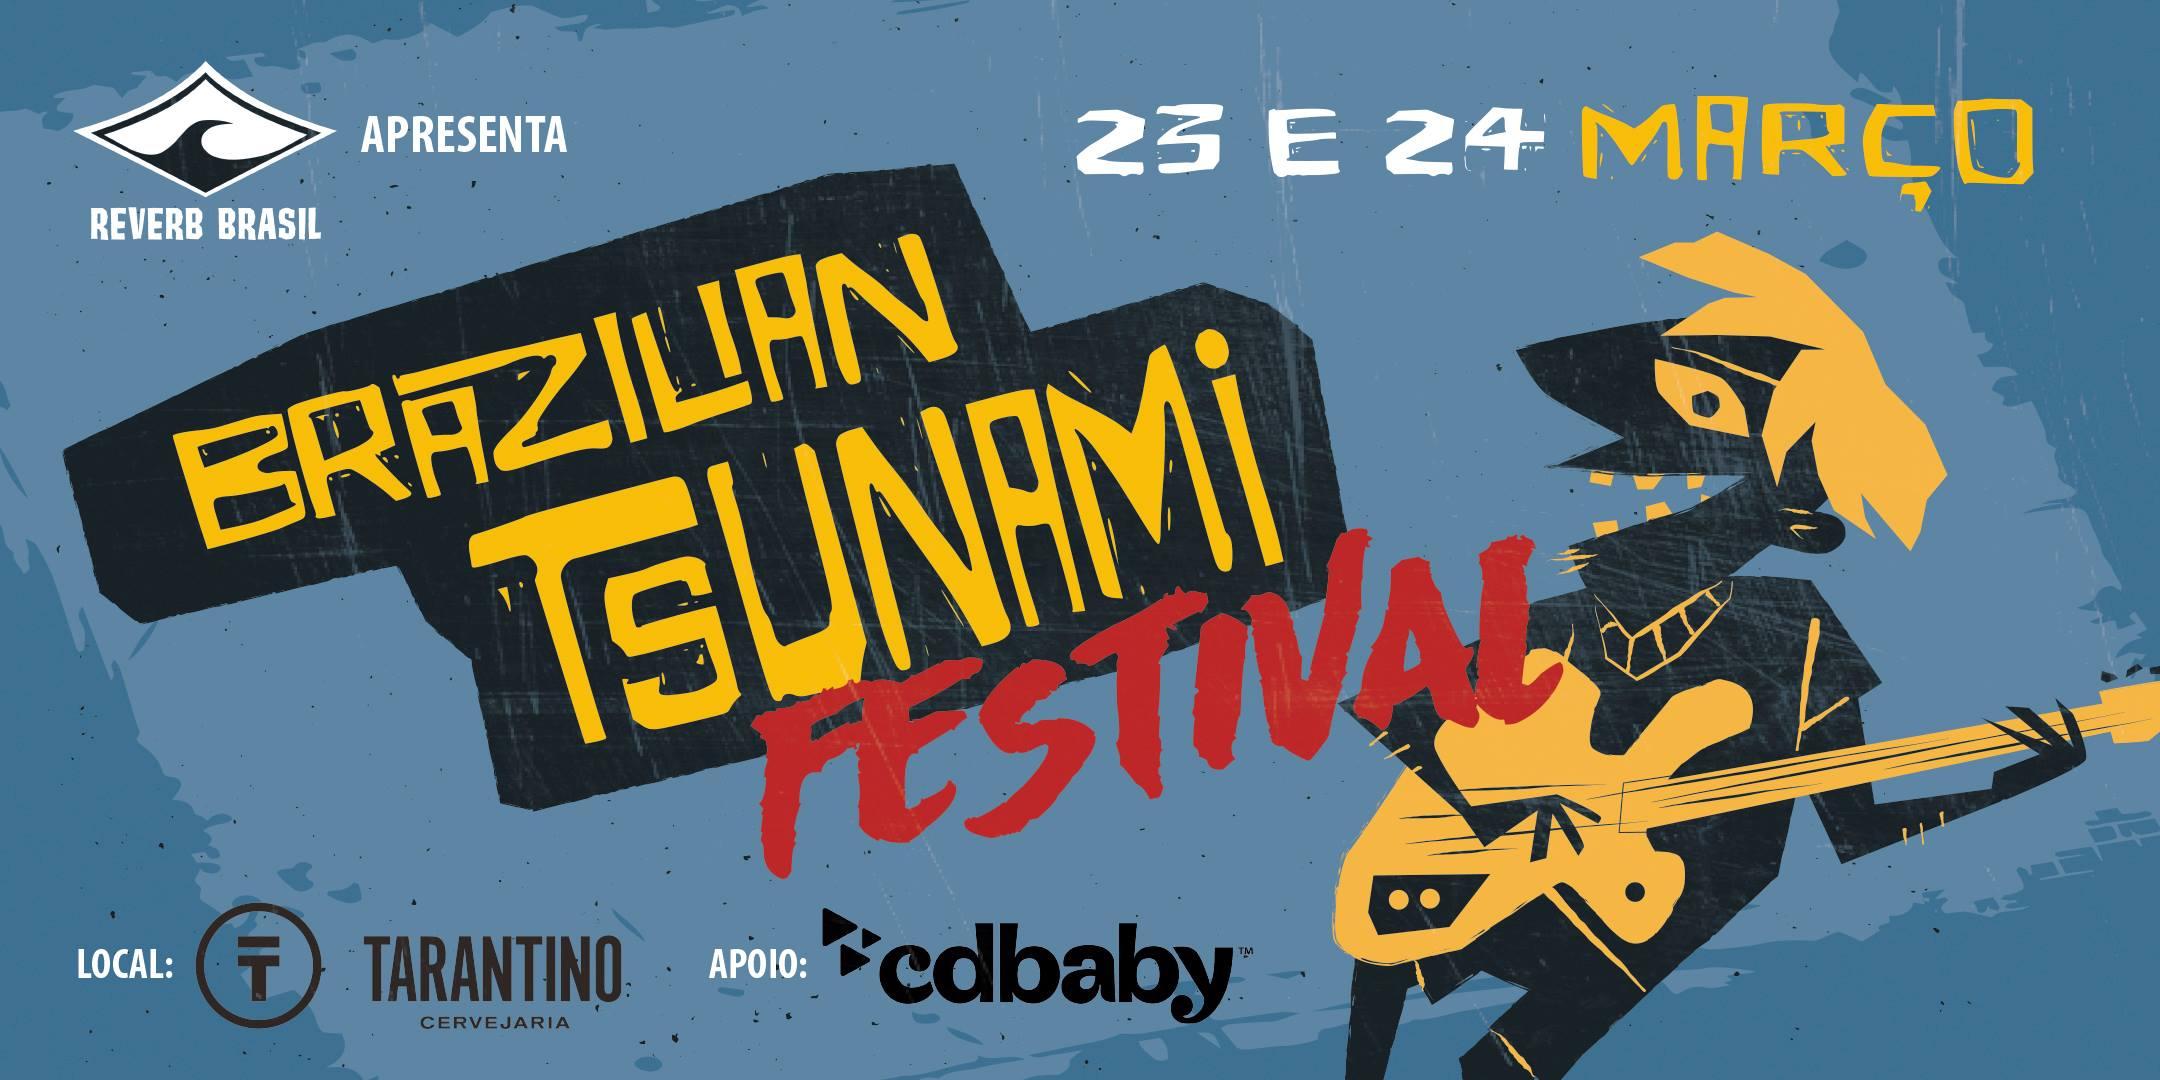 Brazilian Tsunami Festival